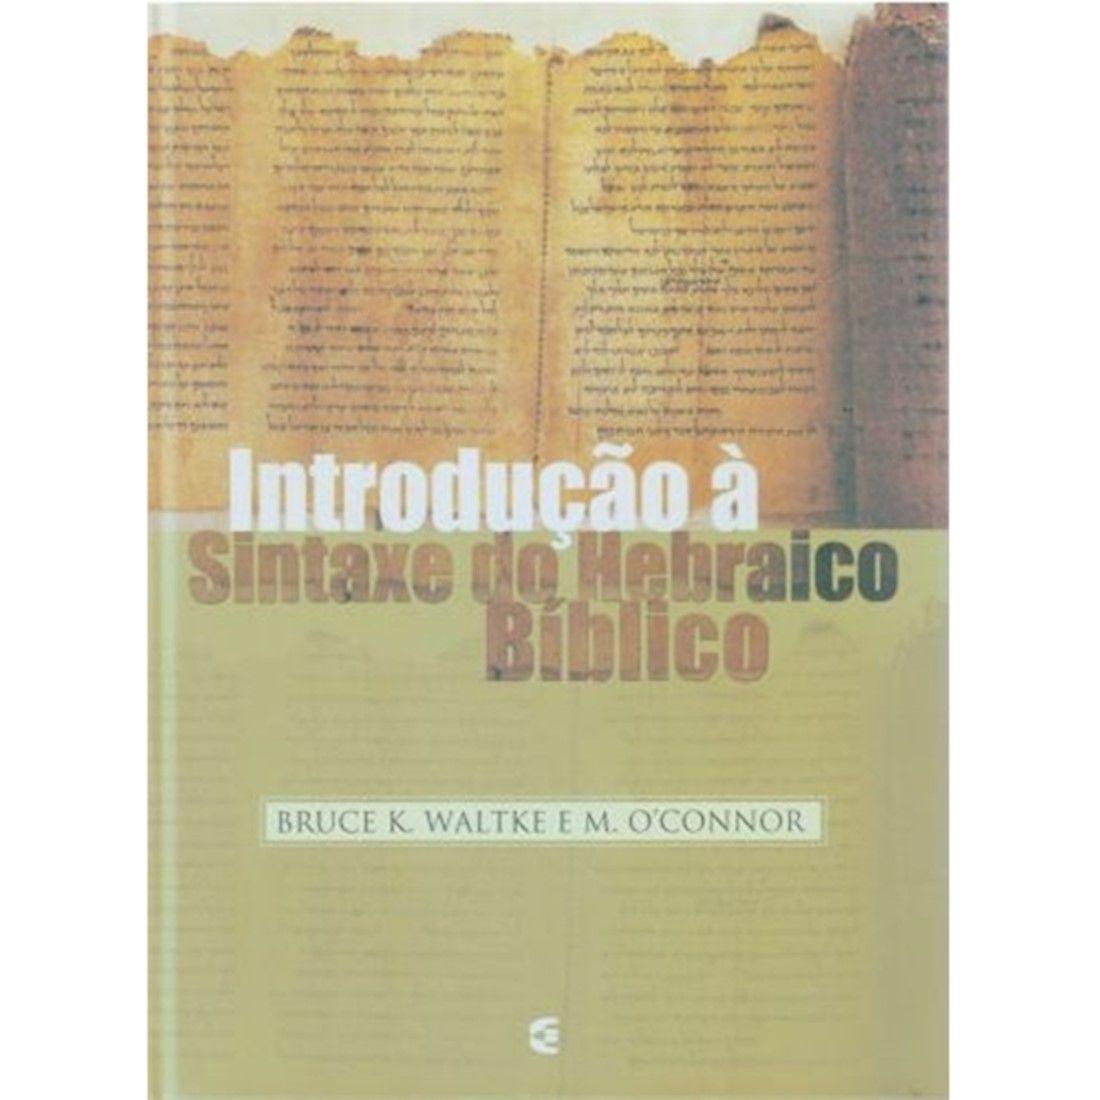 Livro Introdução à Sintaxe do Hebraico Bíblico